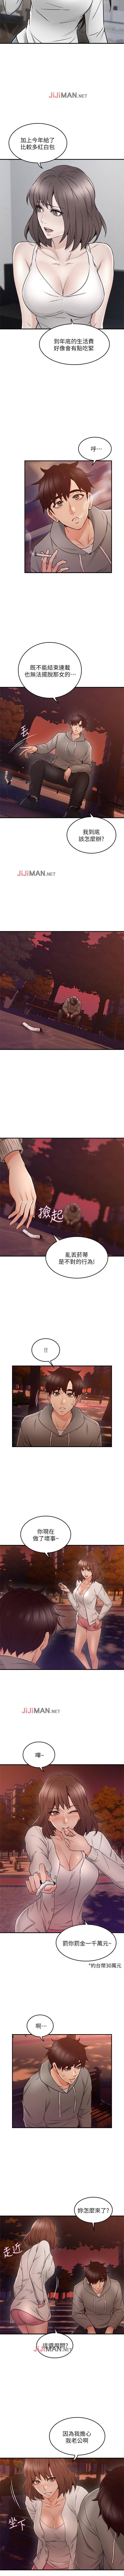 【周六更新】邻居人妻(作者:李周元 & 頸枕) 第1~50话 145